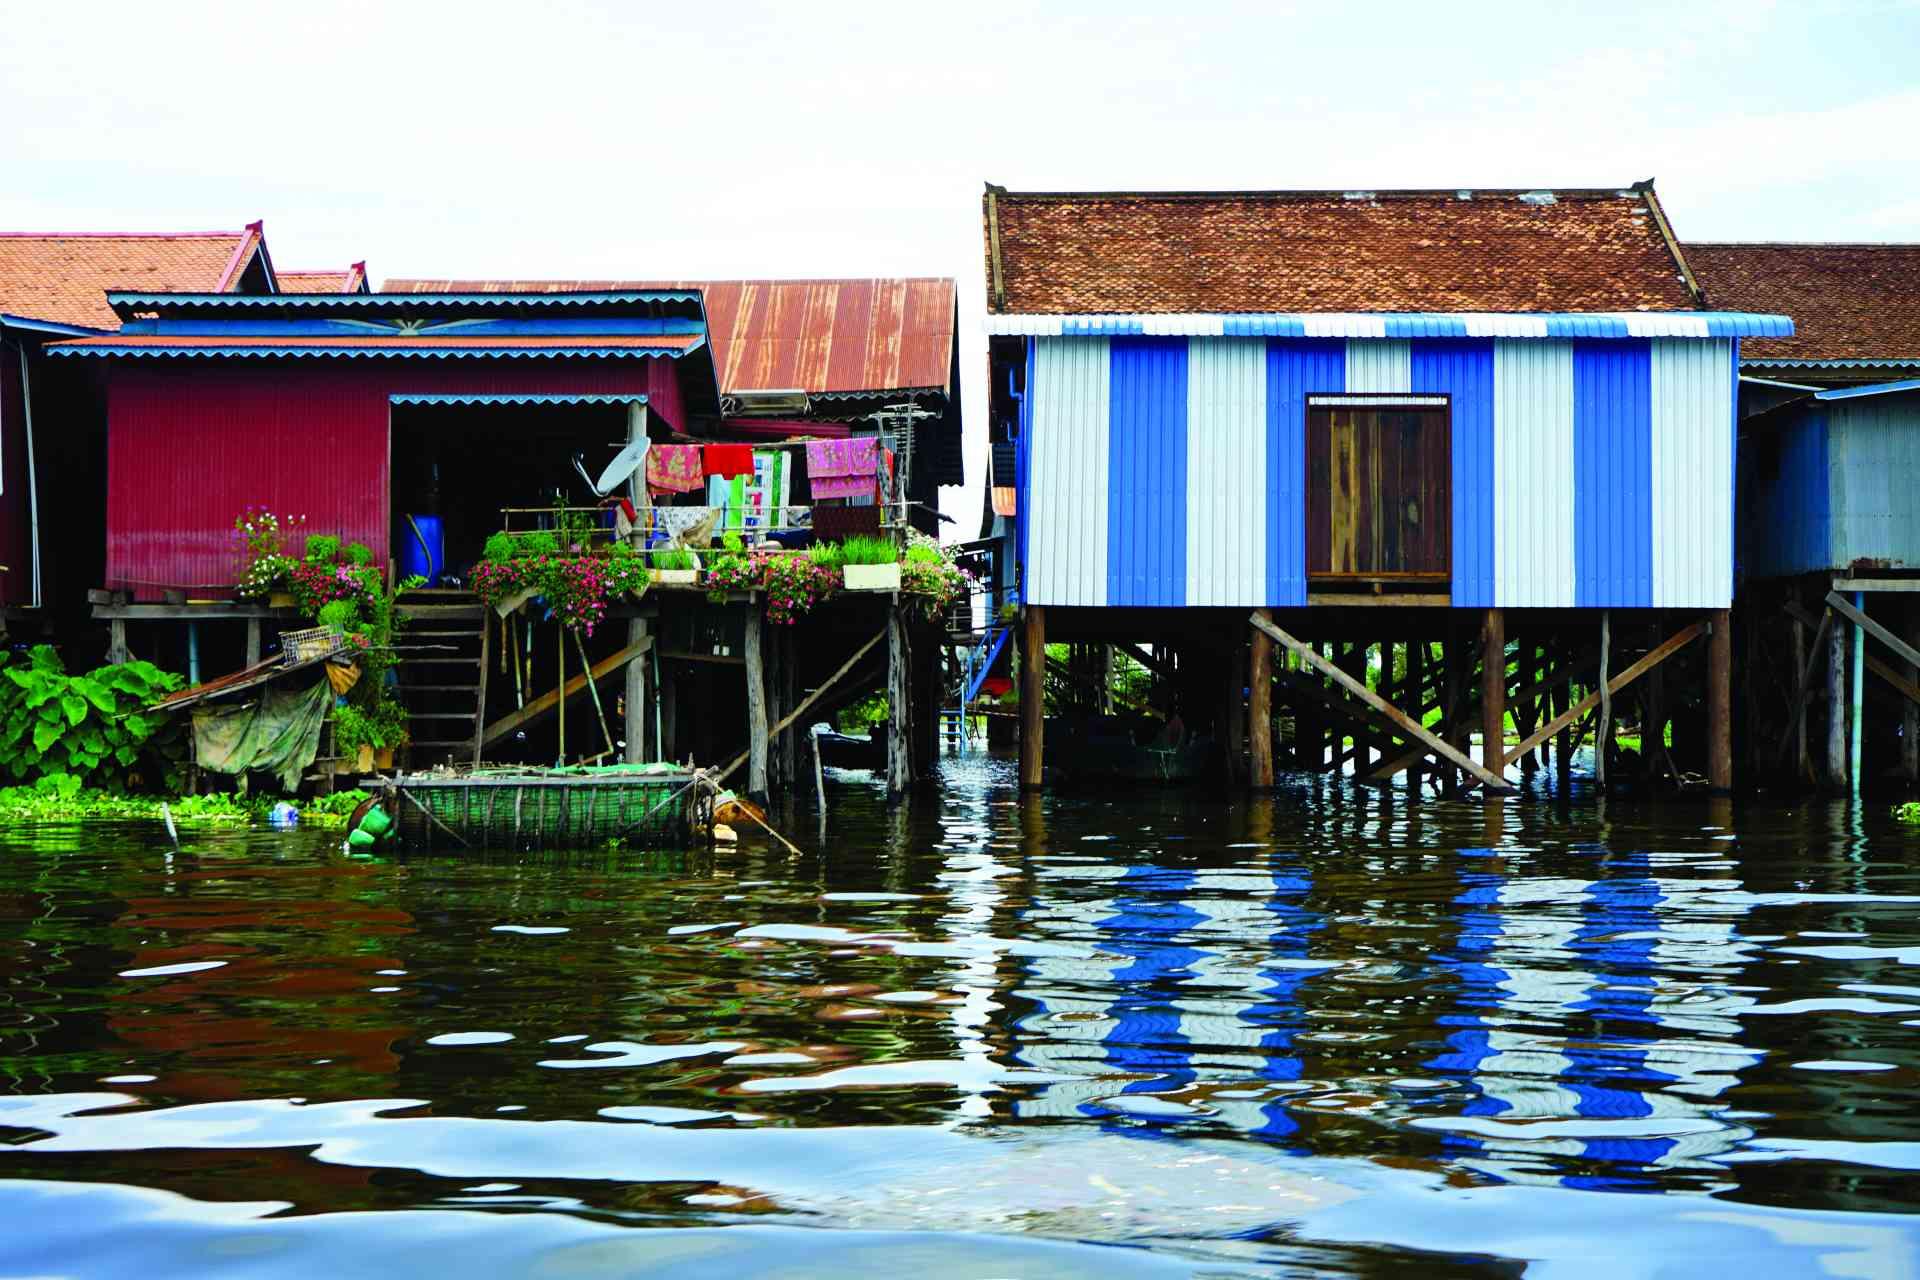 Stilt houses, Tonle Sap by Priscilla Aster